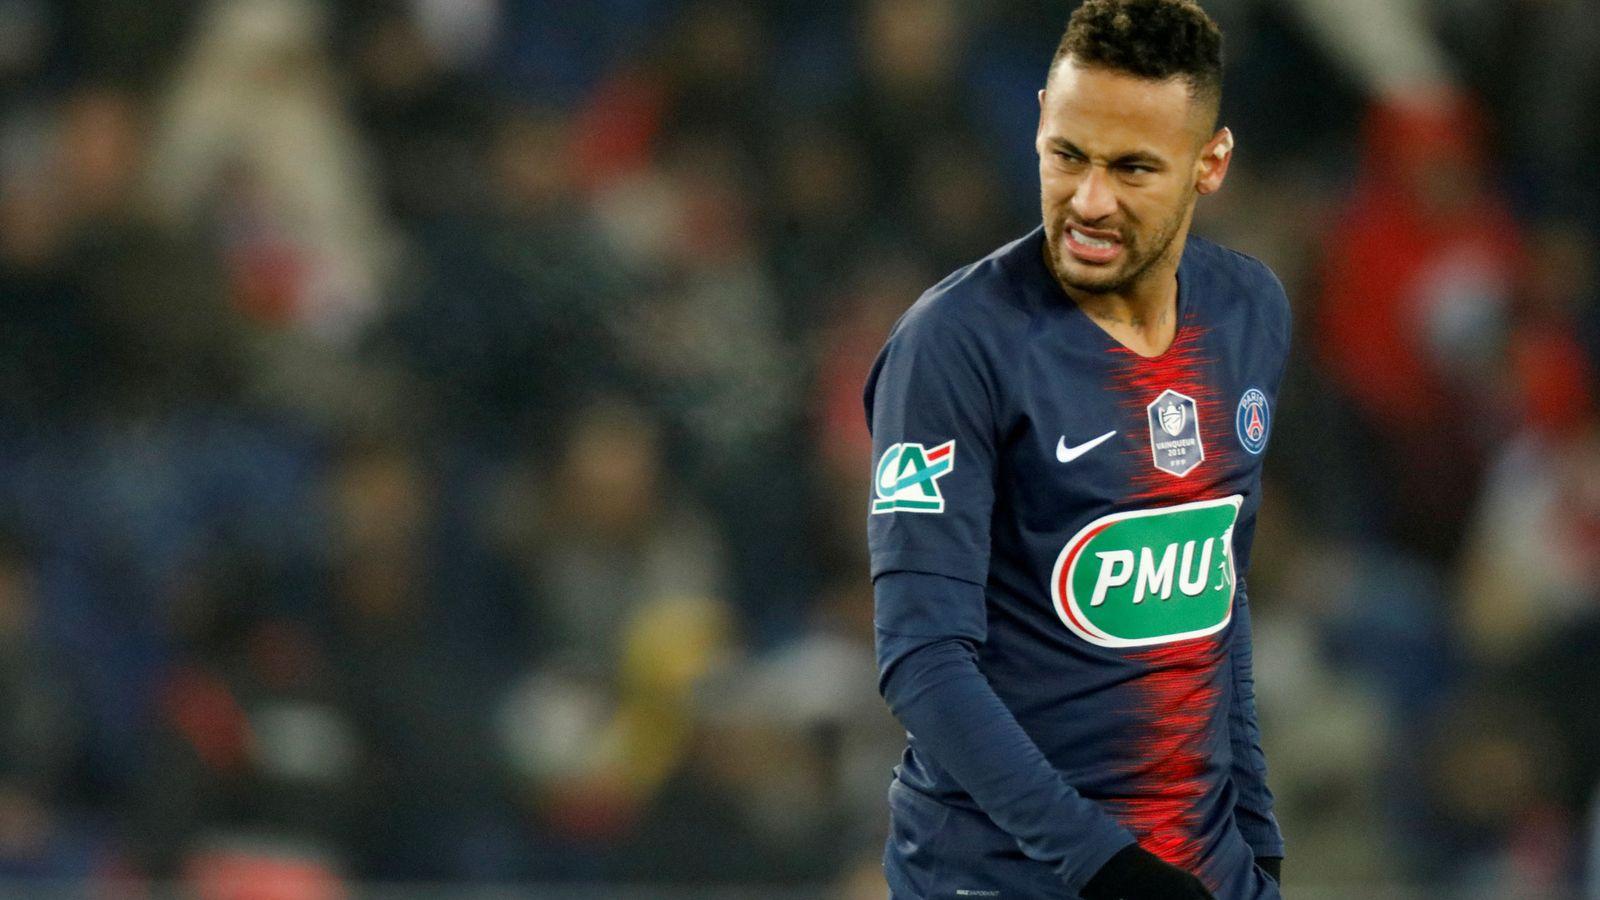 Foto: Neymar se duele después de una entrada en el partido entre el PSG y el Estrasburgo. (AFP)